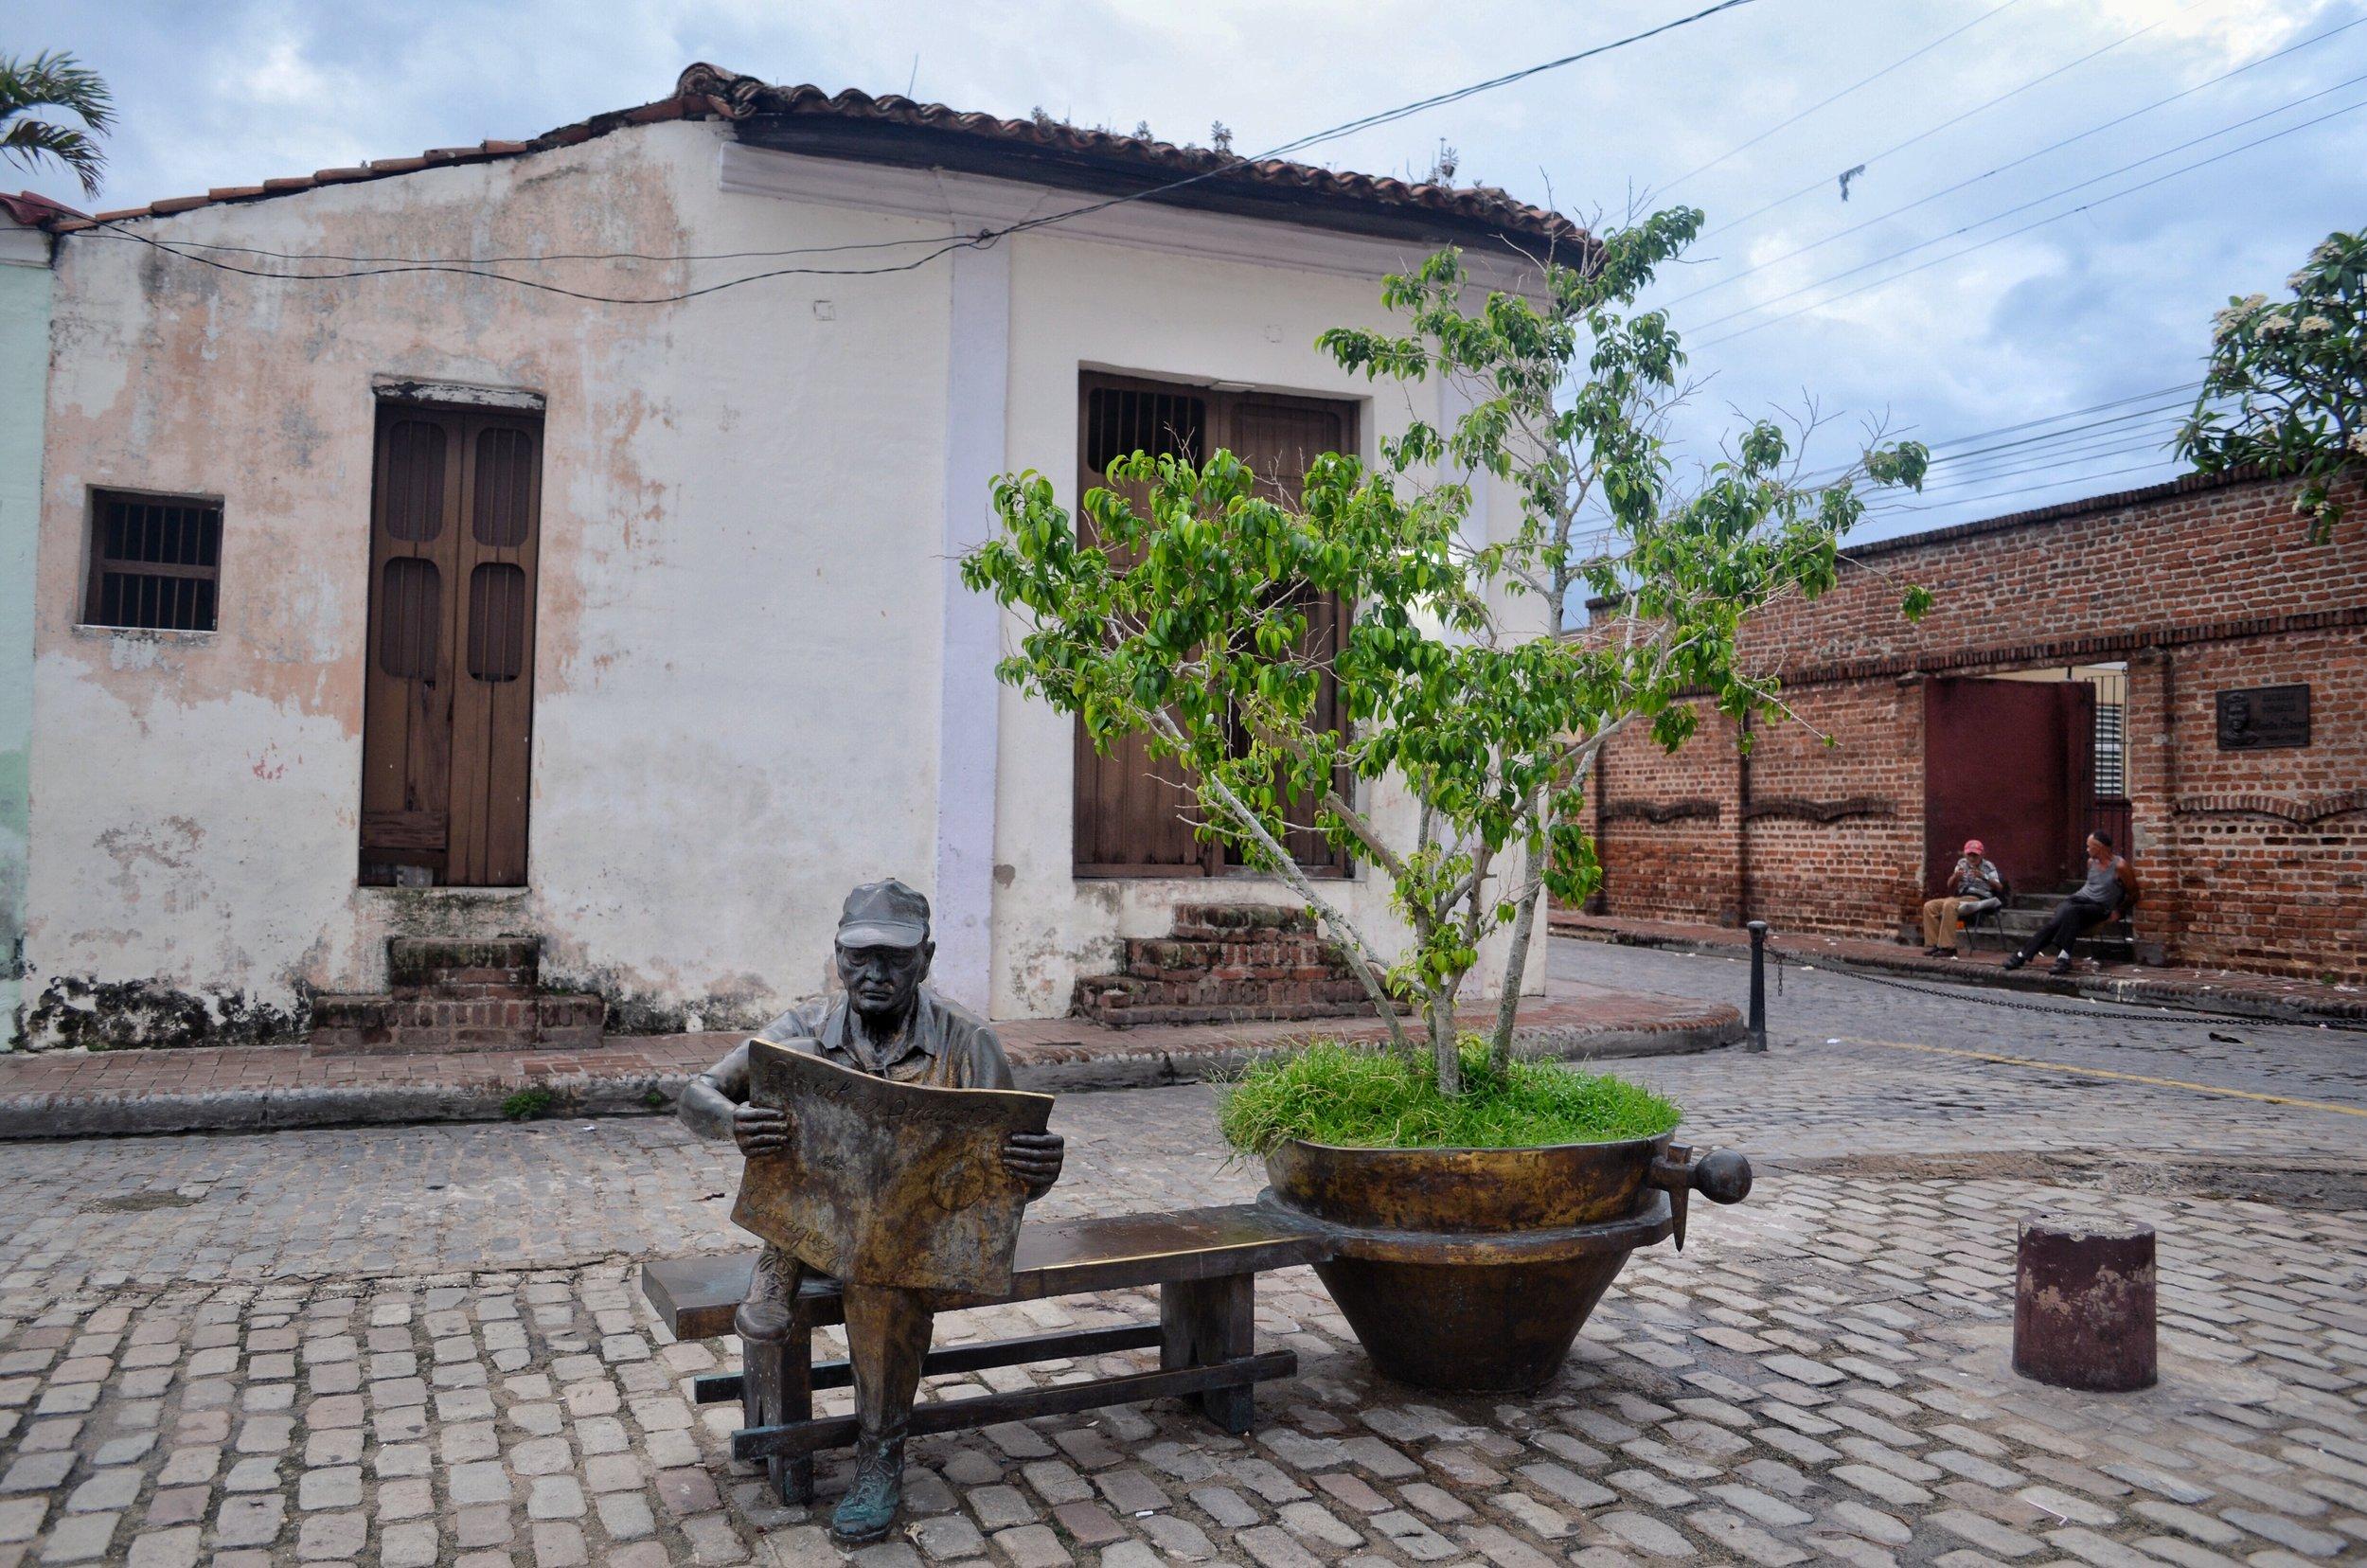 Martha Jiménez Pérez' statues at Plaza del Carmen, Camaguey, Cuba